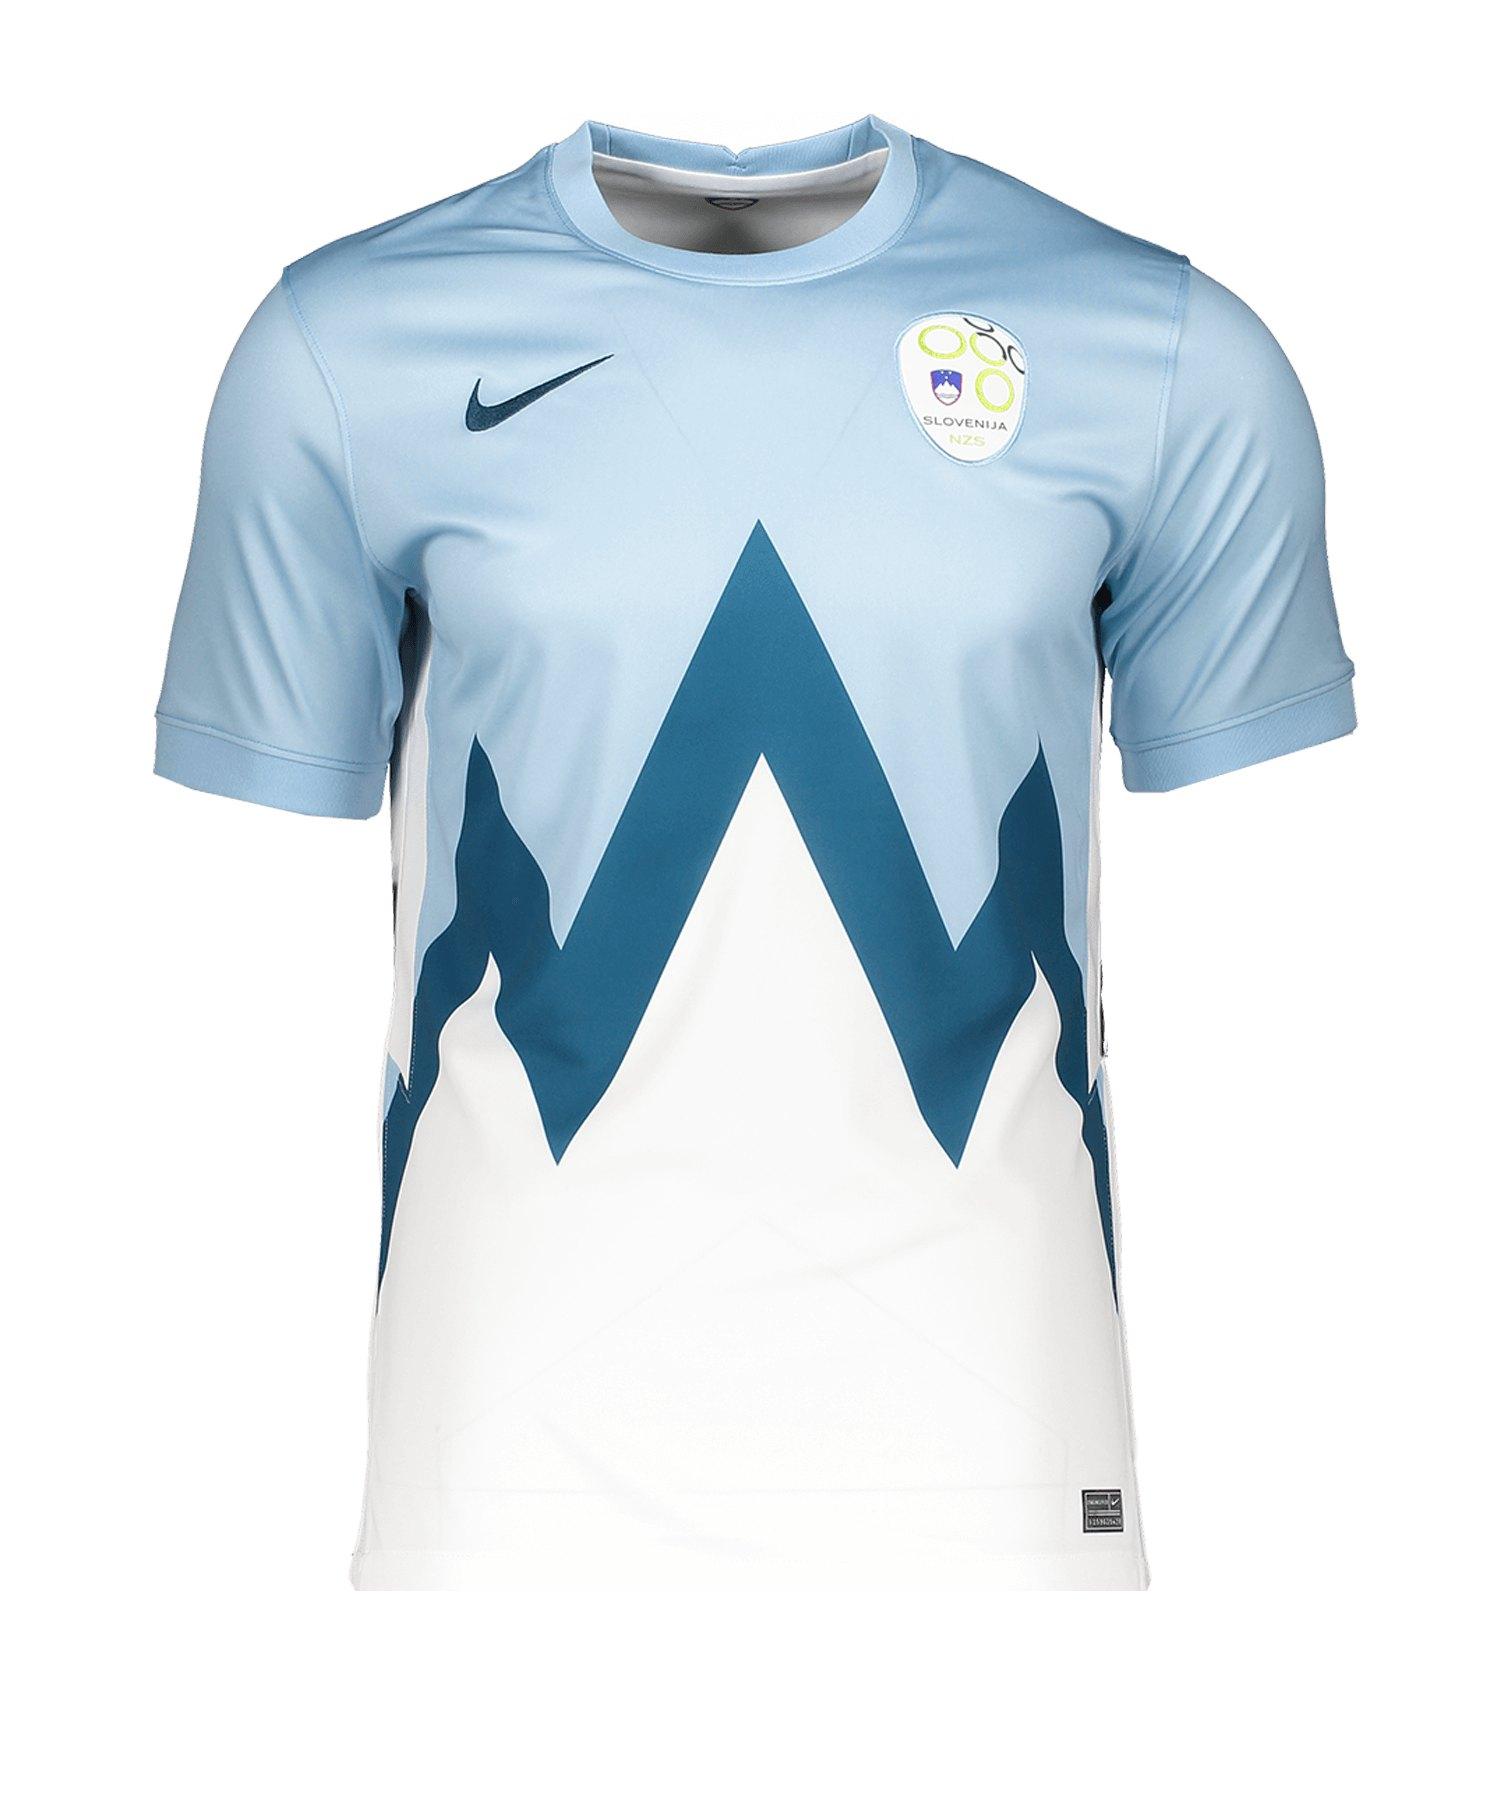 Nike Slowenien Trikot Home EM 2021 Blau F436 - blau